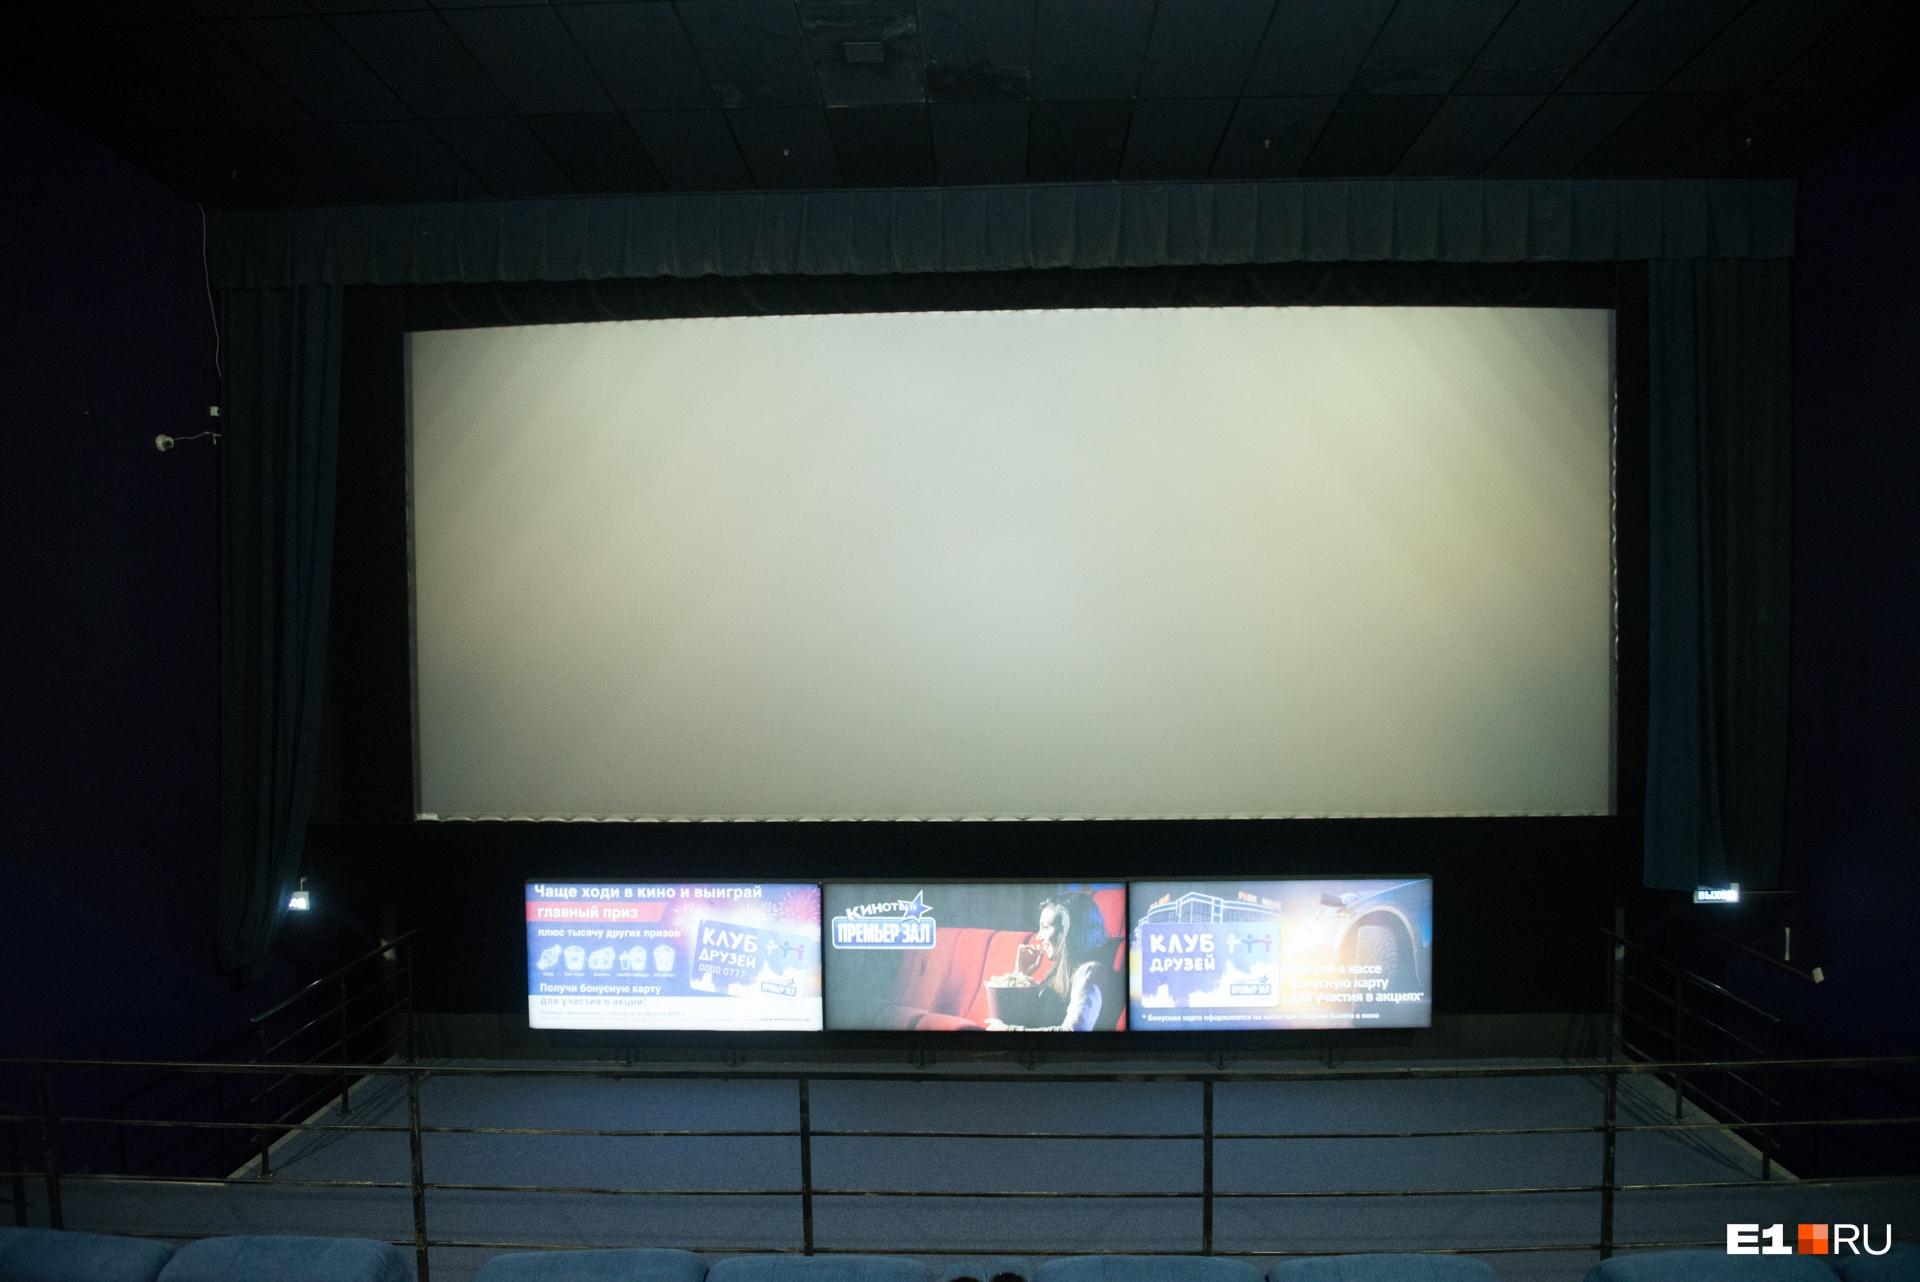 Через 5–7 лет проекторы исчезнут из кинотеатров. Их заменят жидкокристаллические экраны